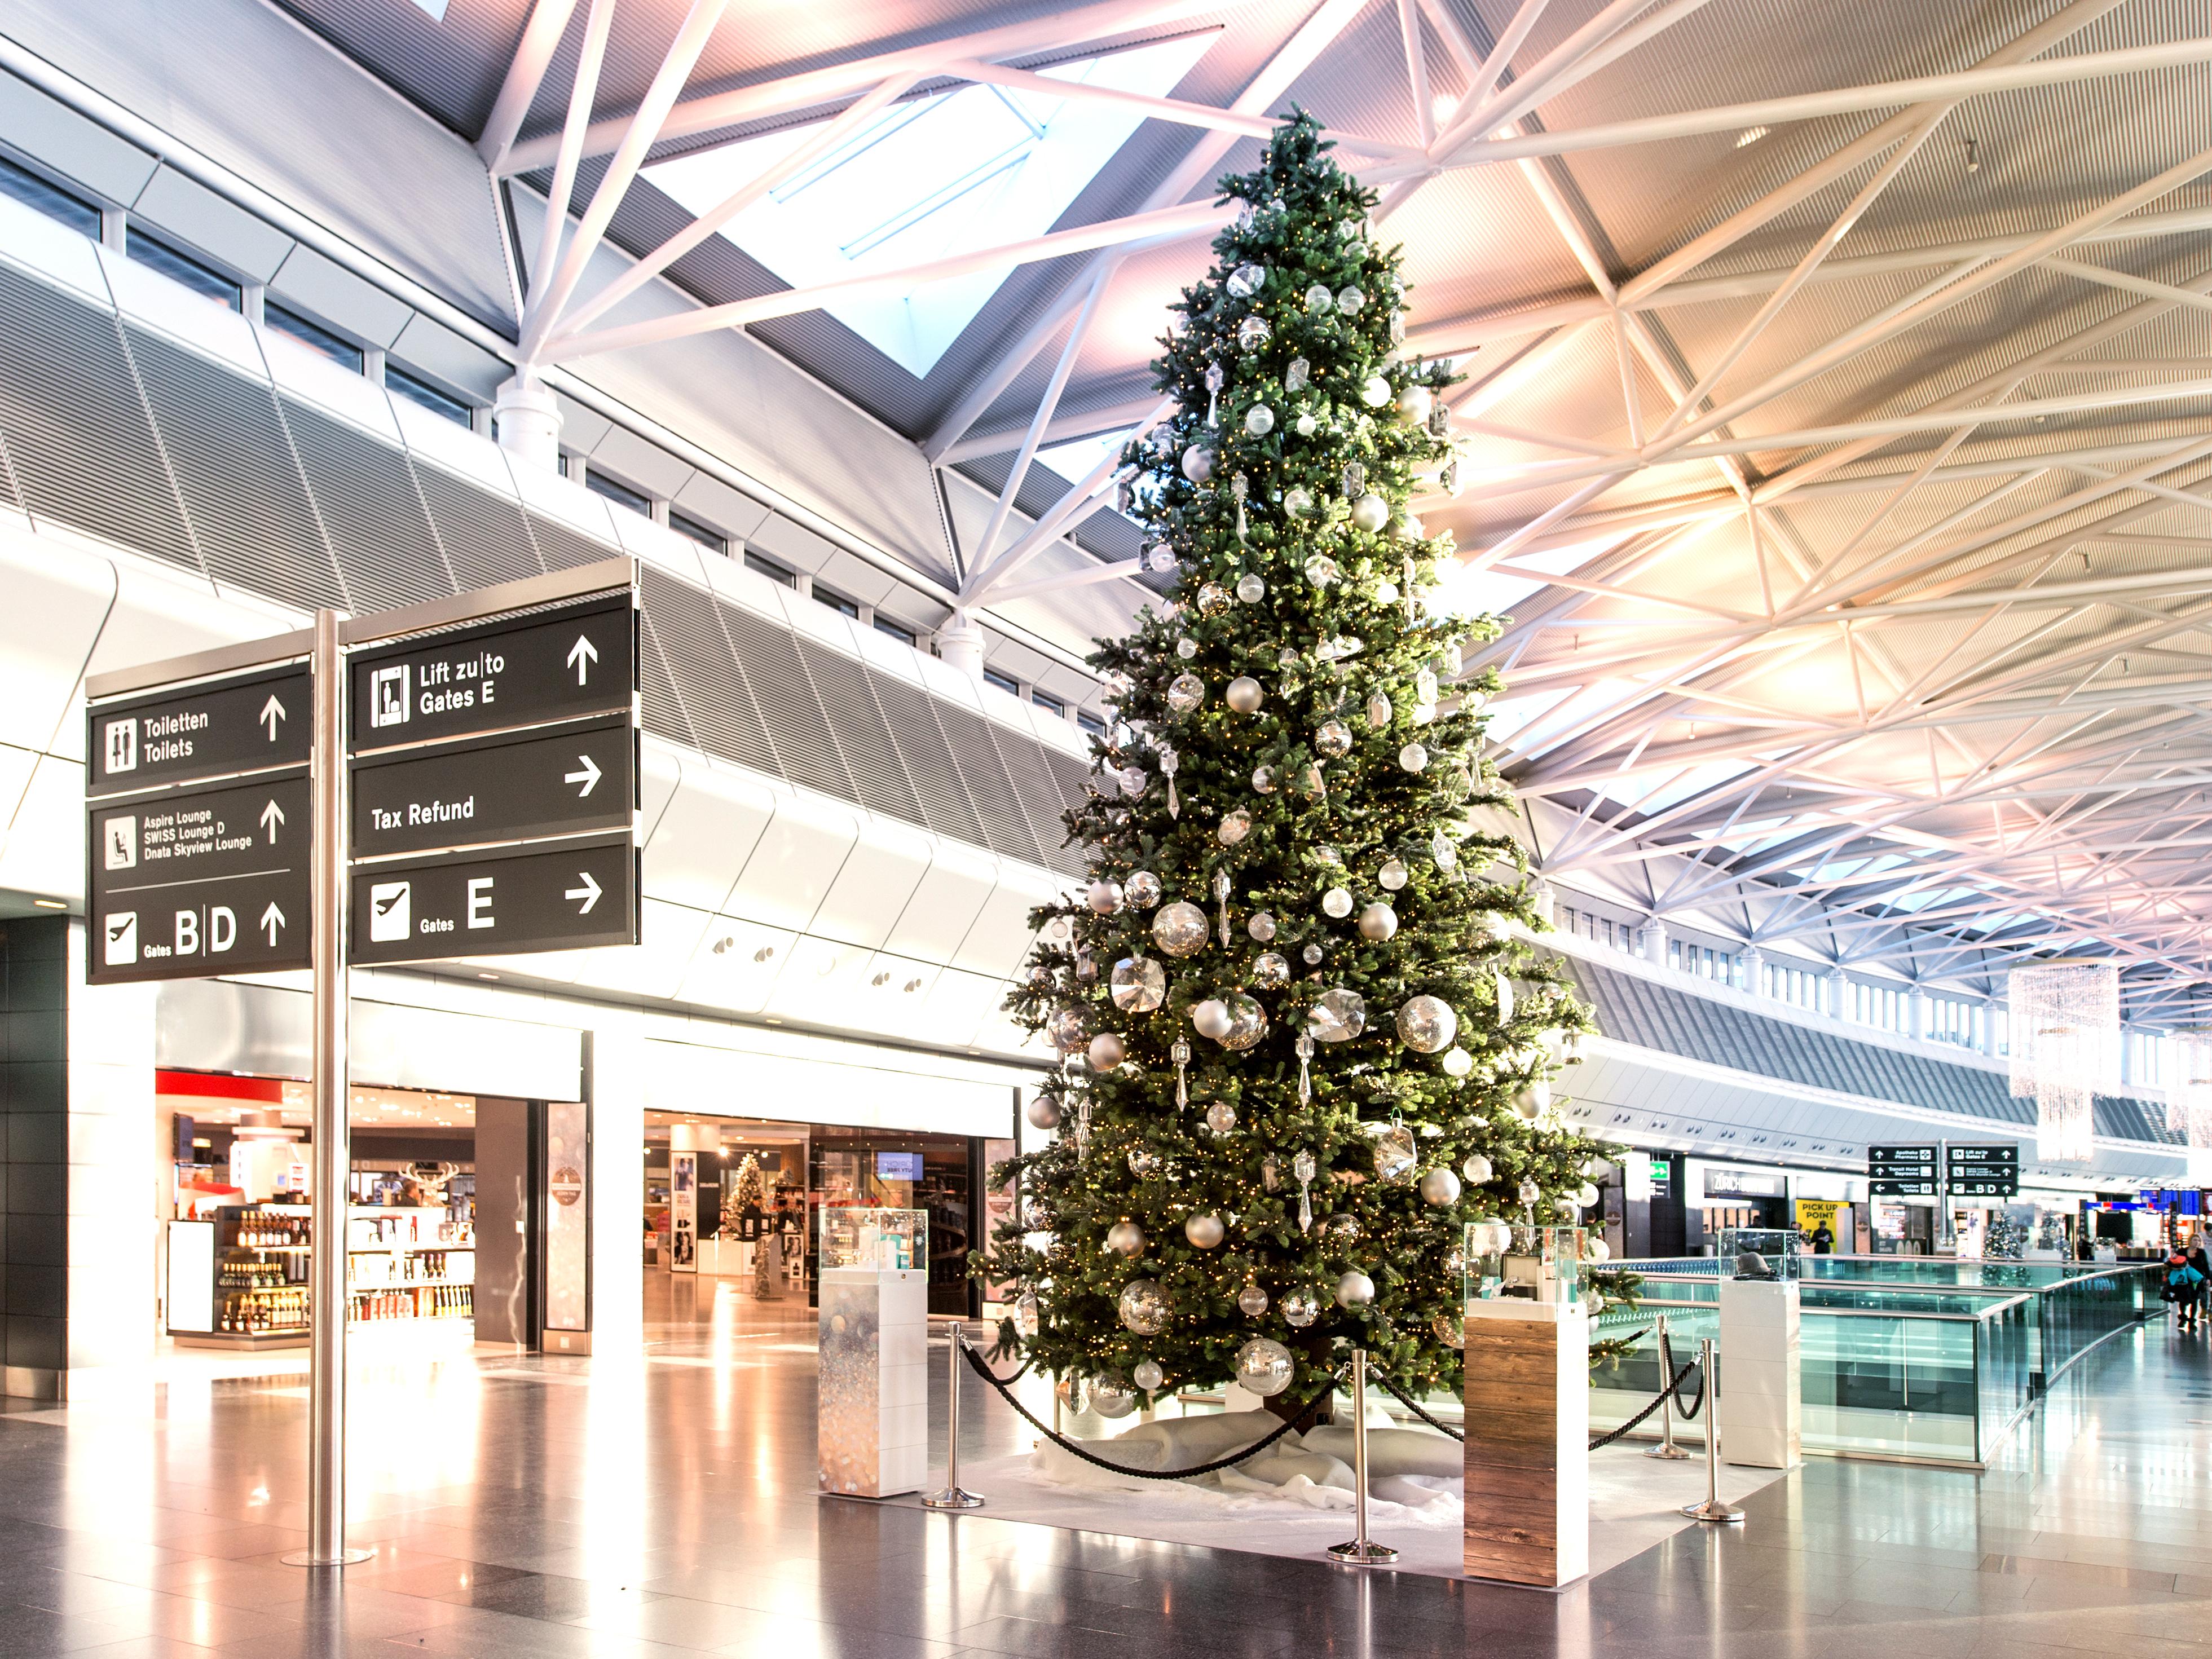 Weihnachten Flughafen Zürich Weihnachtsbaum